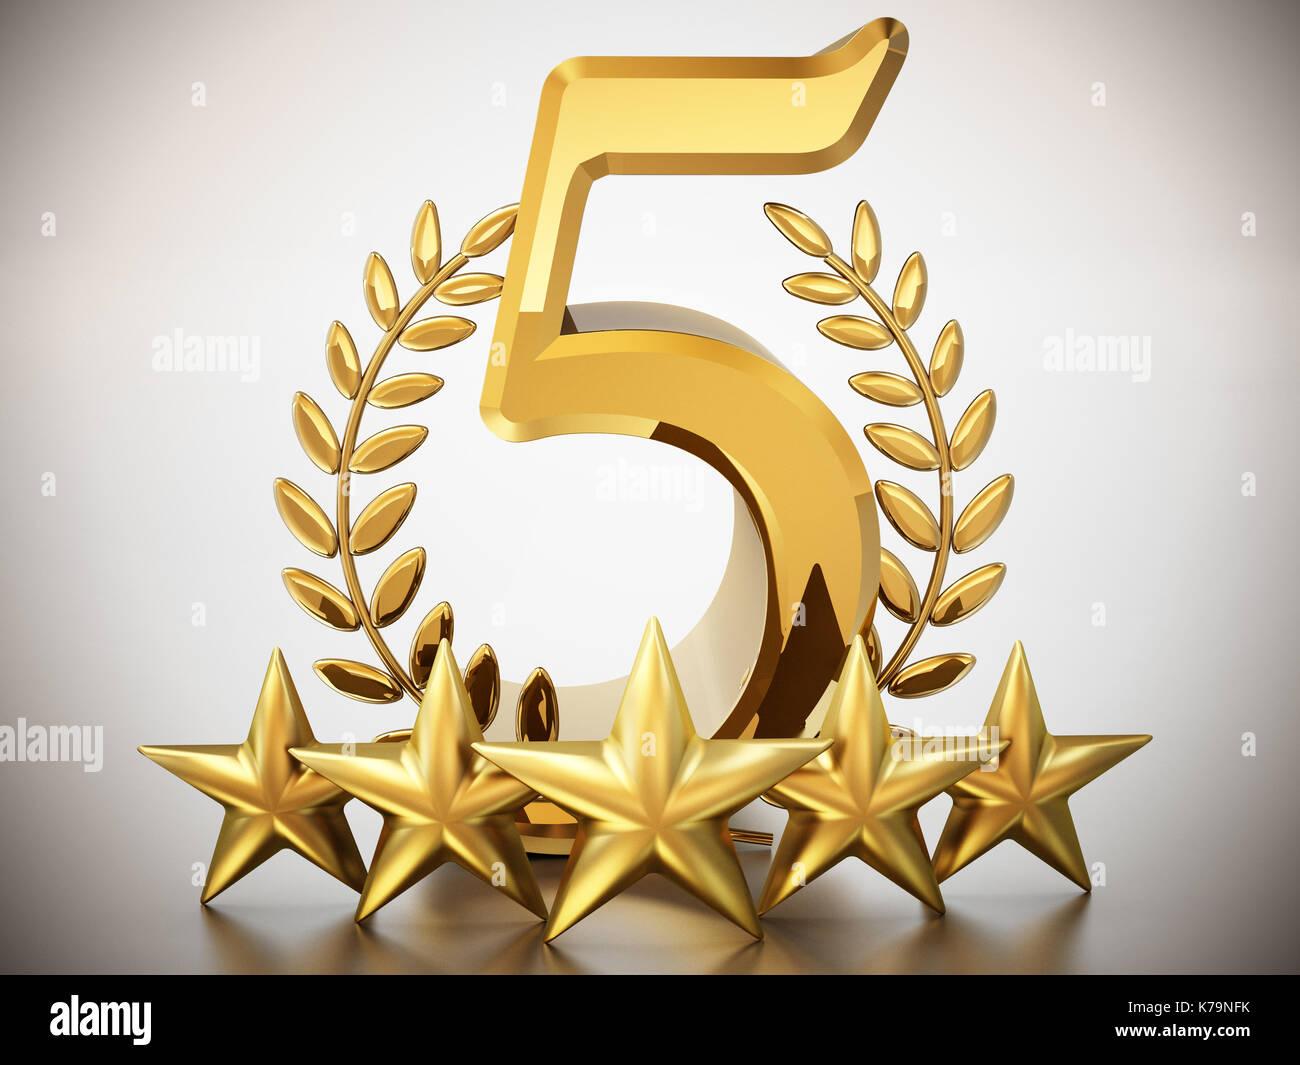 Numero 5, stelle e allori isolati su sfondo bianco. 3d'illustrazione. Immagini Stock